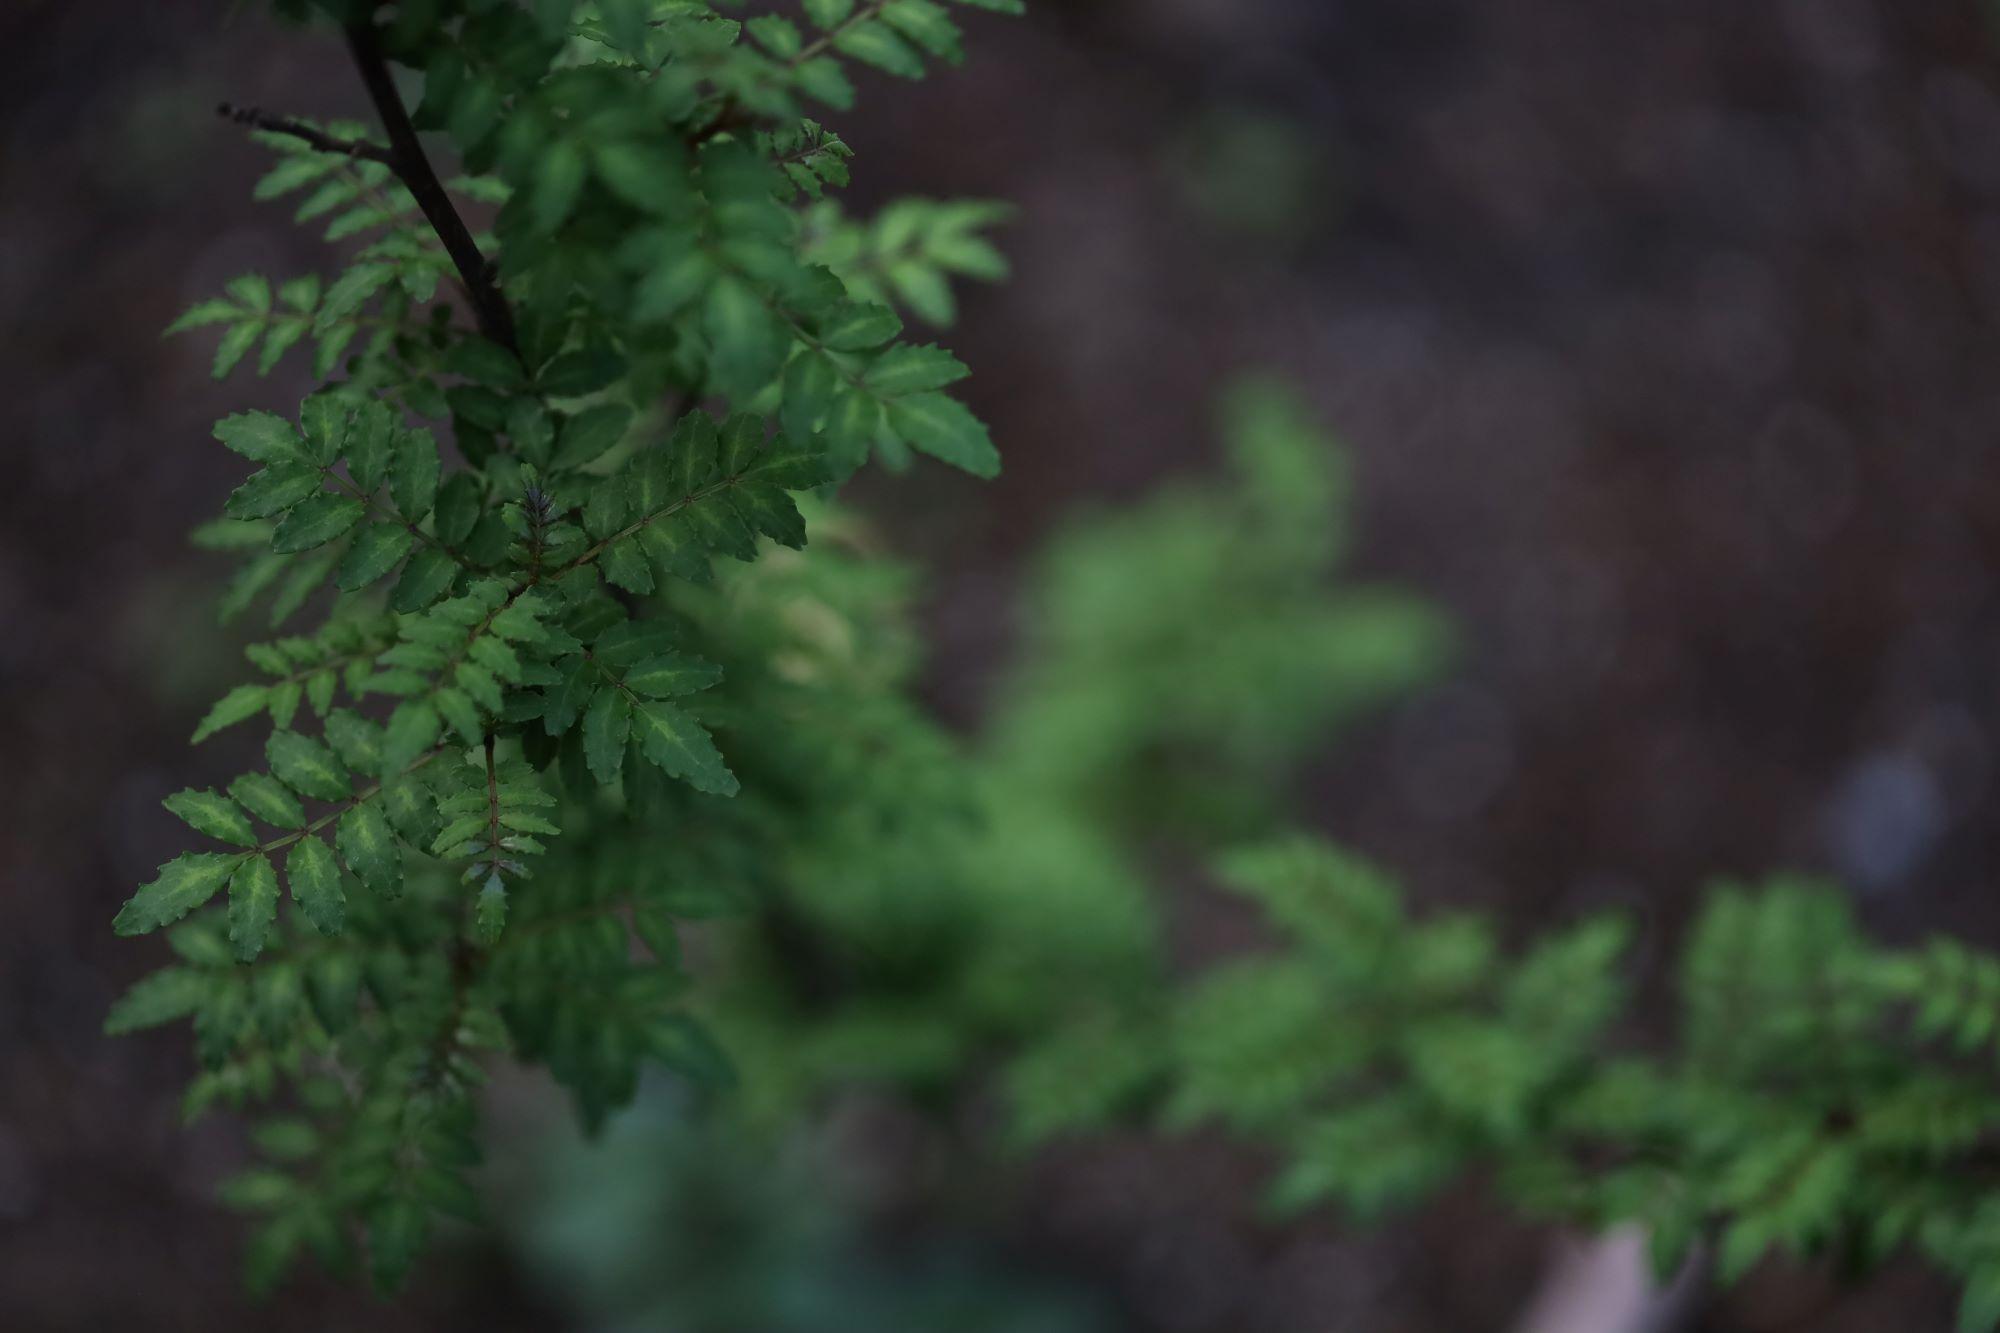 料理の最後には、昨年庭に植えた木の芽を添えて。